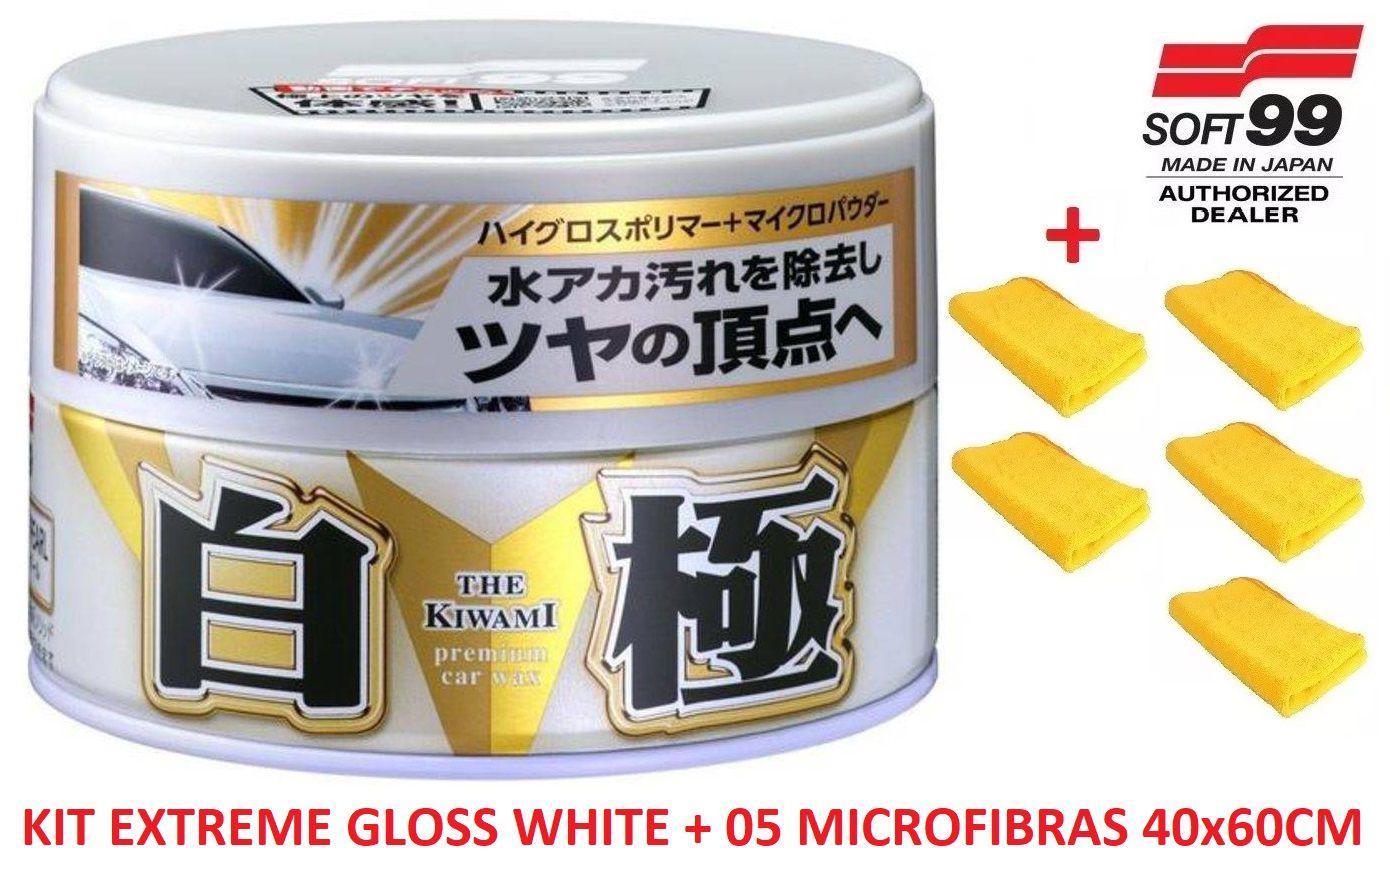 Cera Sintética Extreme Gloss White Soft99 Cores Claras + 05 microfibra 40x60 Autoamerica